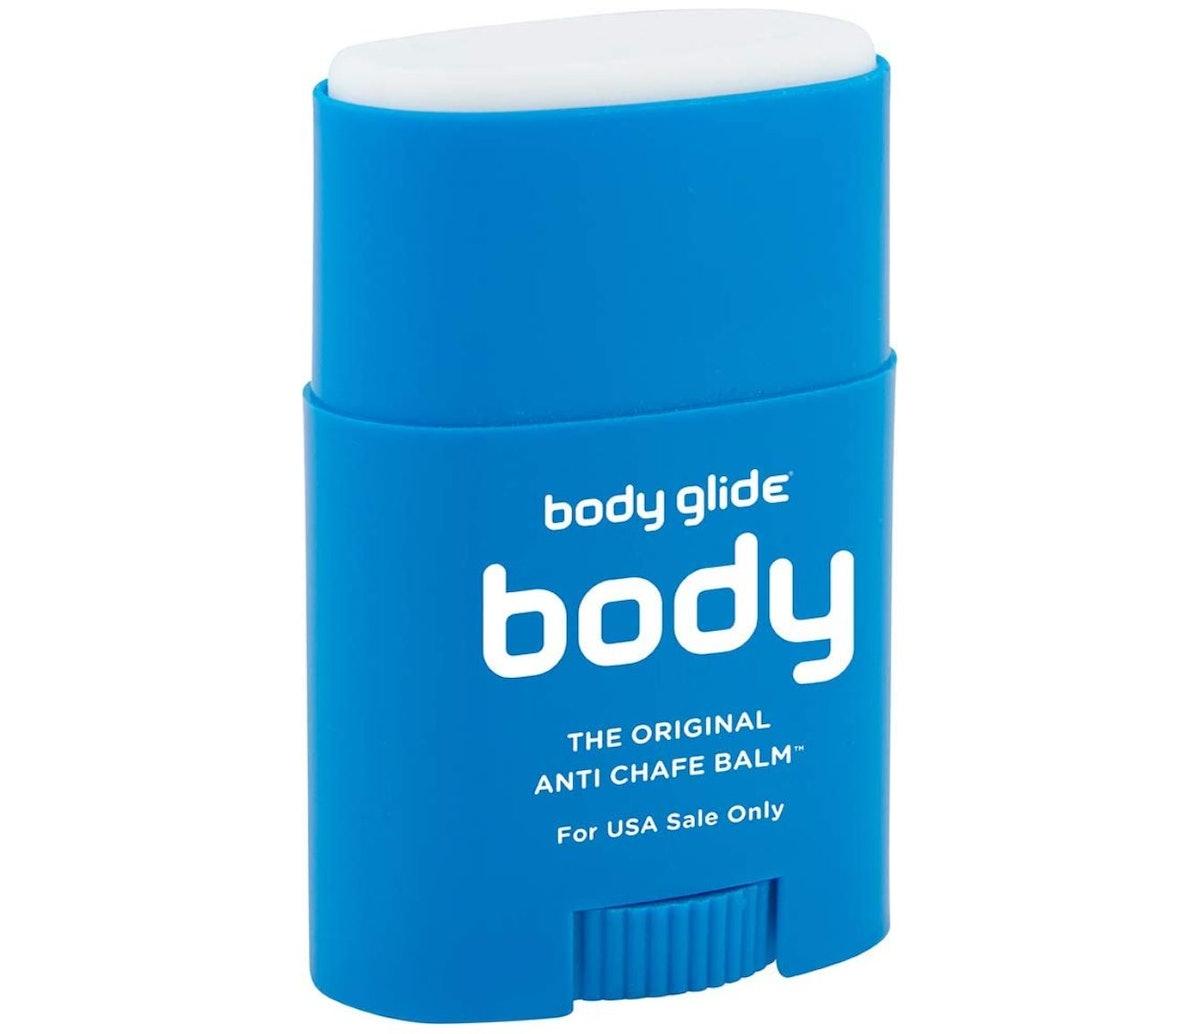 Body Glide Anti-Chafe Balm